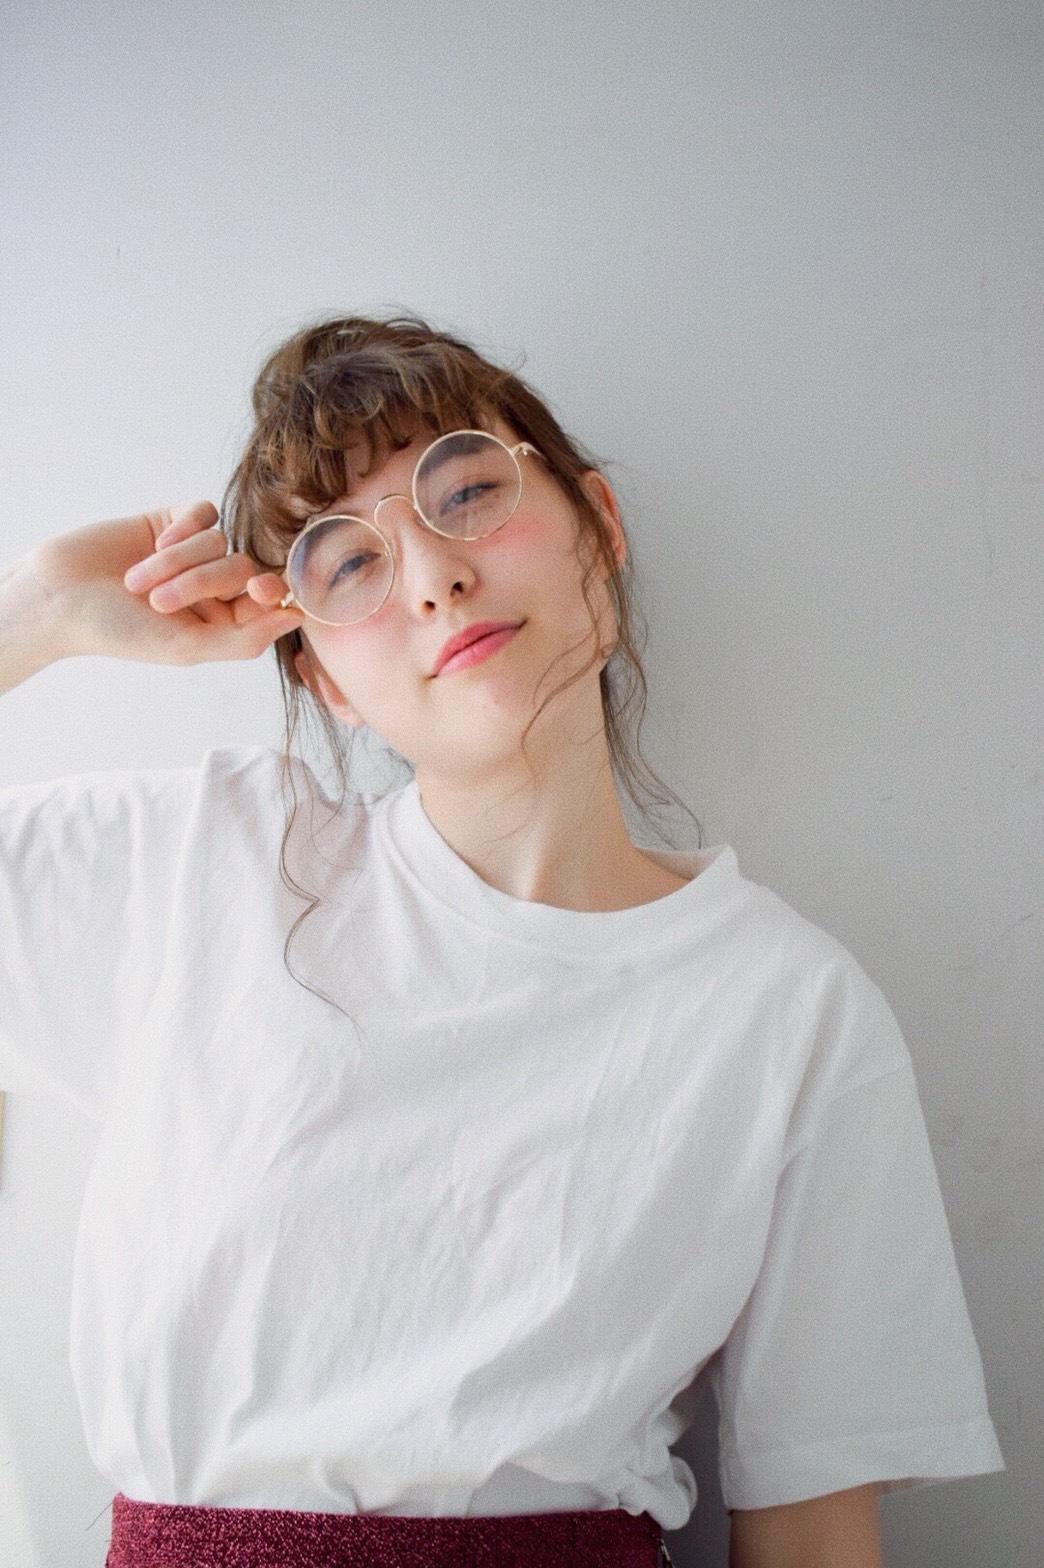 2018 5月8日 美容学生専門の就活ガイダンス 就職カンファレンス@Beauty 越谷開催